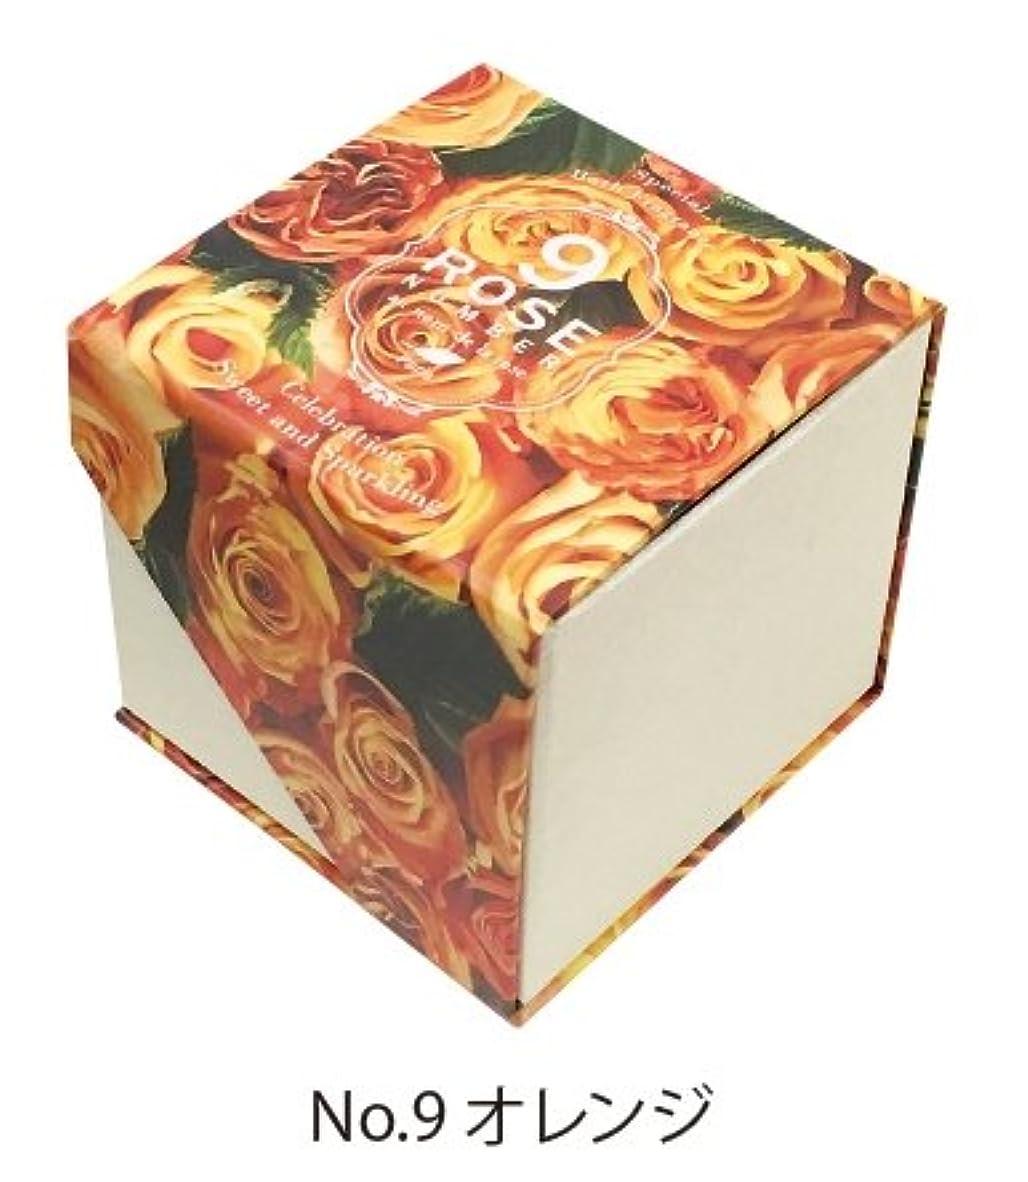 いらいらする味付け爆発物九州フラワーサービス(Kyushu Flower Service) 入浴剤 77280